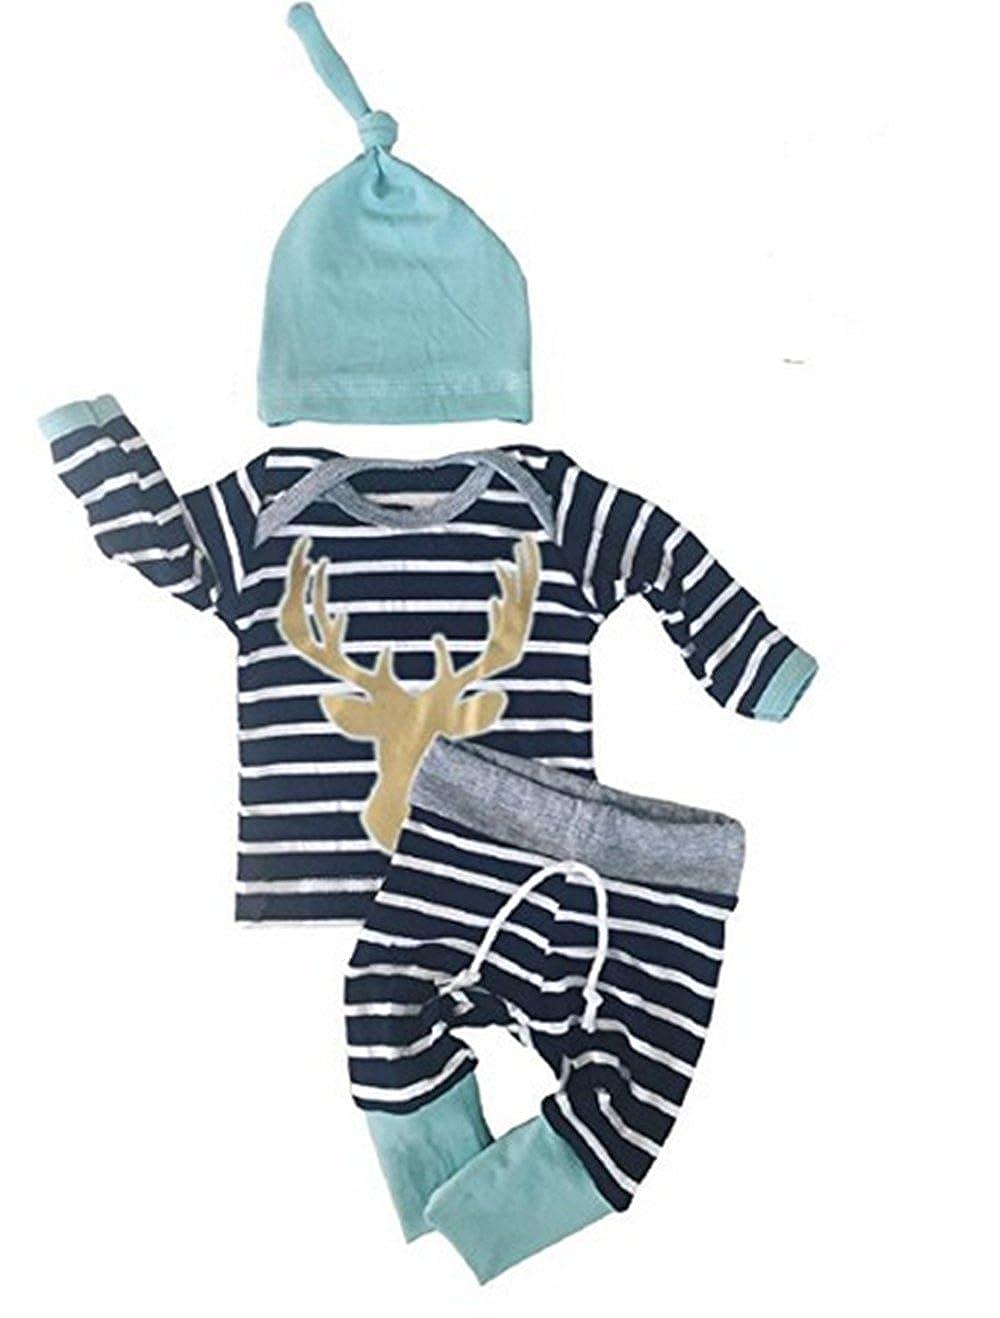 Christmas Le ragazze infantili dei neonati delle ragazze dei neonati 3pcs / Set hanno barrato i cappelli lunghi dei cervi del manicotto dei capretti Rawdah Rawdah-024